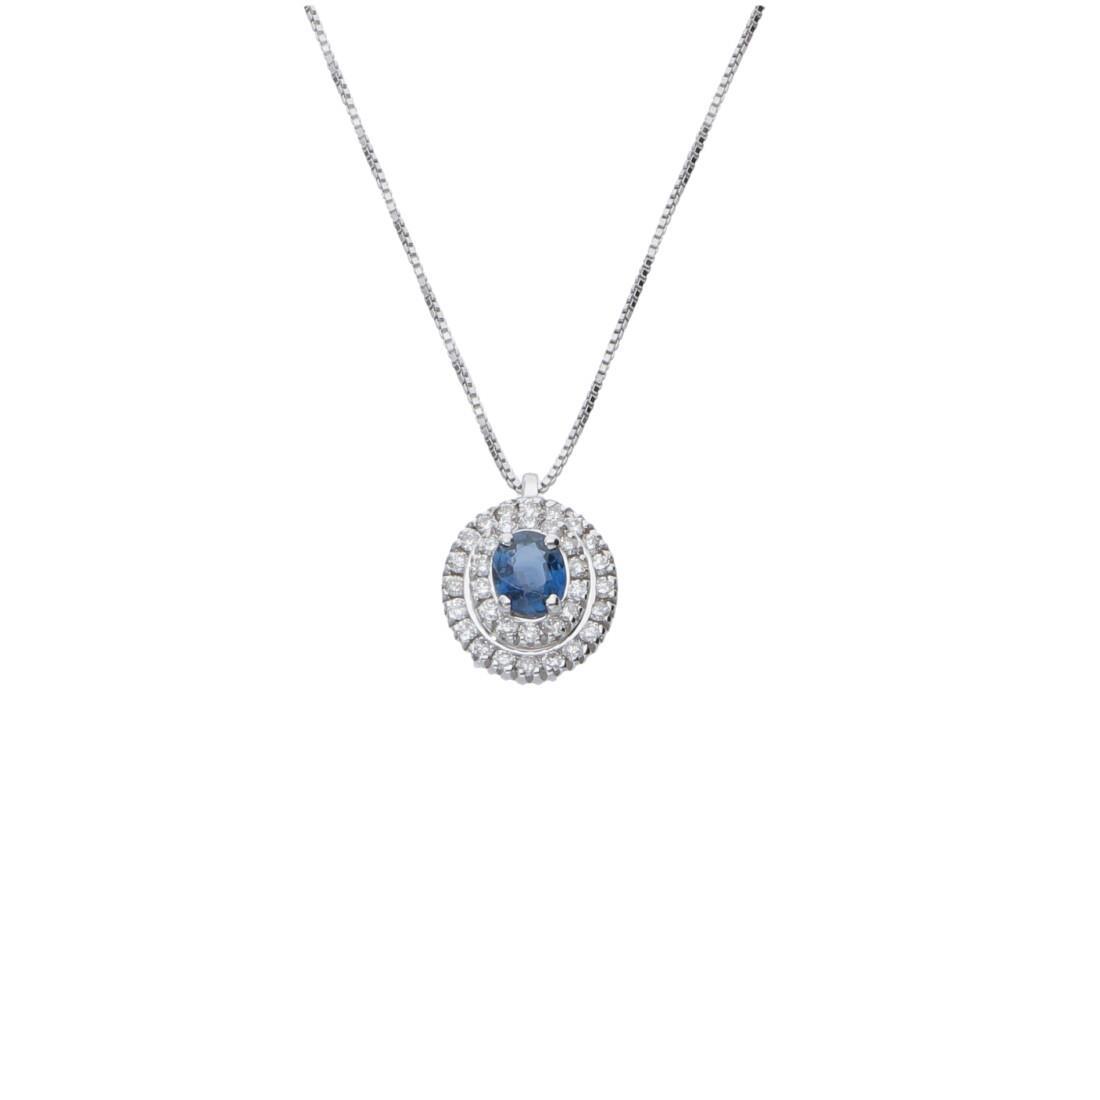 Collana in oro bianco con diamanti ct 0.27 e zaffiri ct 0.47 - ALFIERI ST JOHN